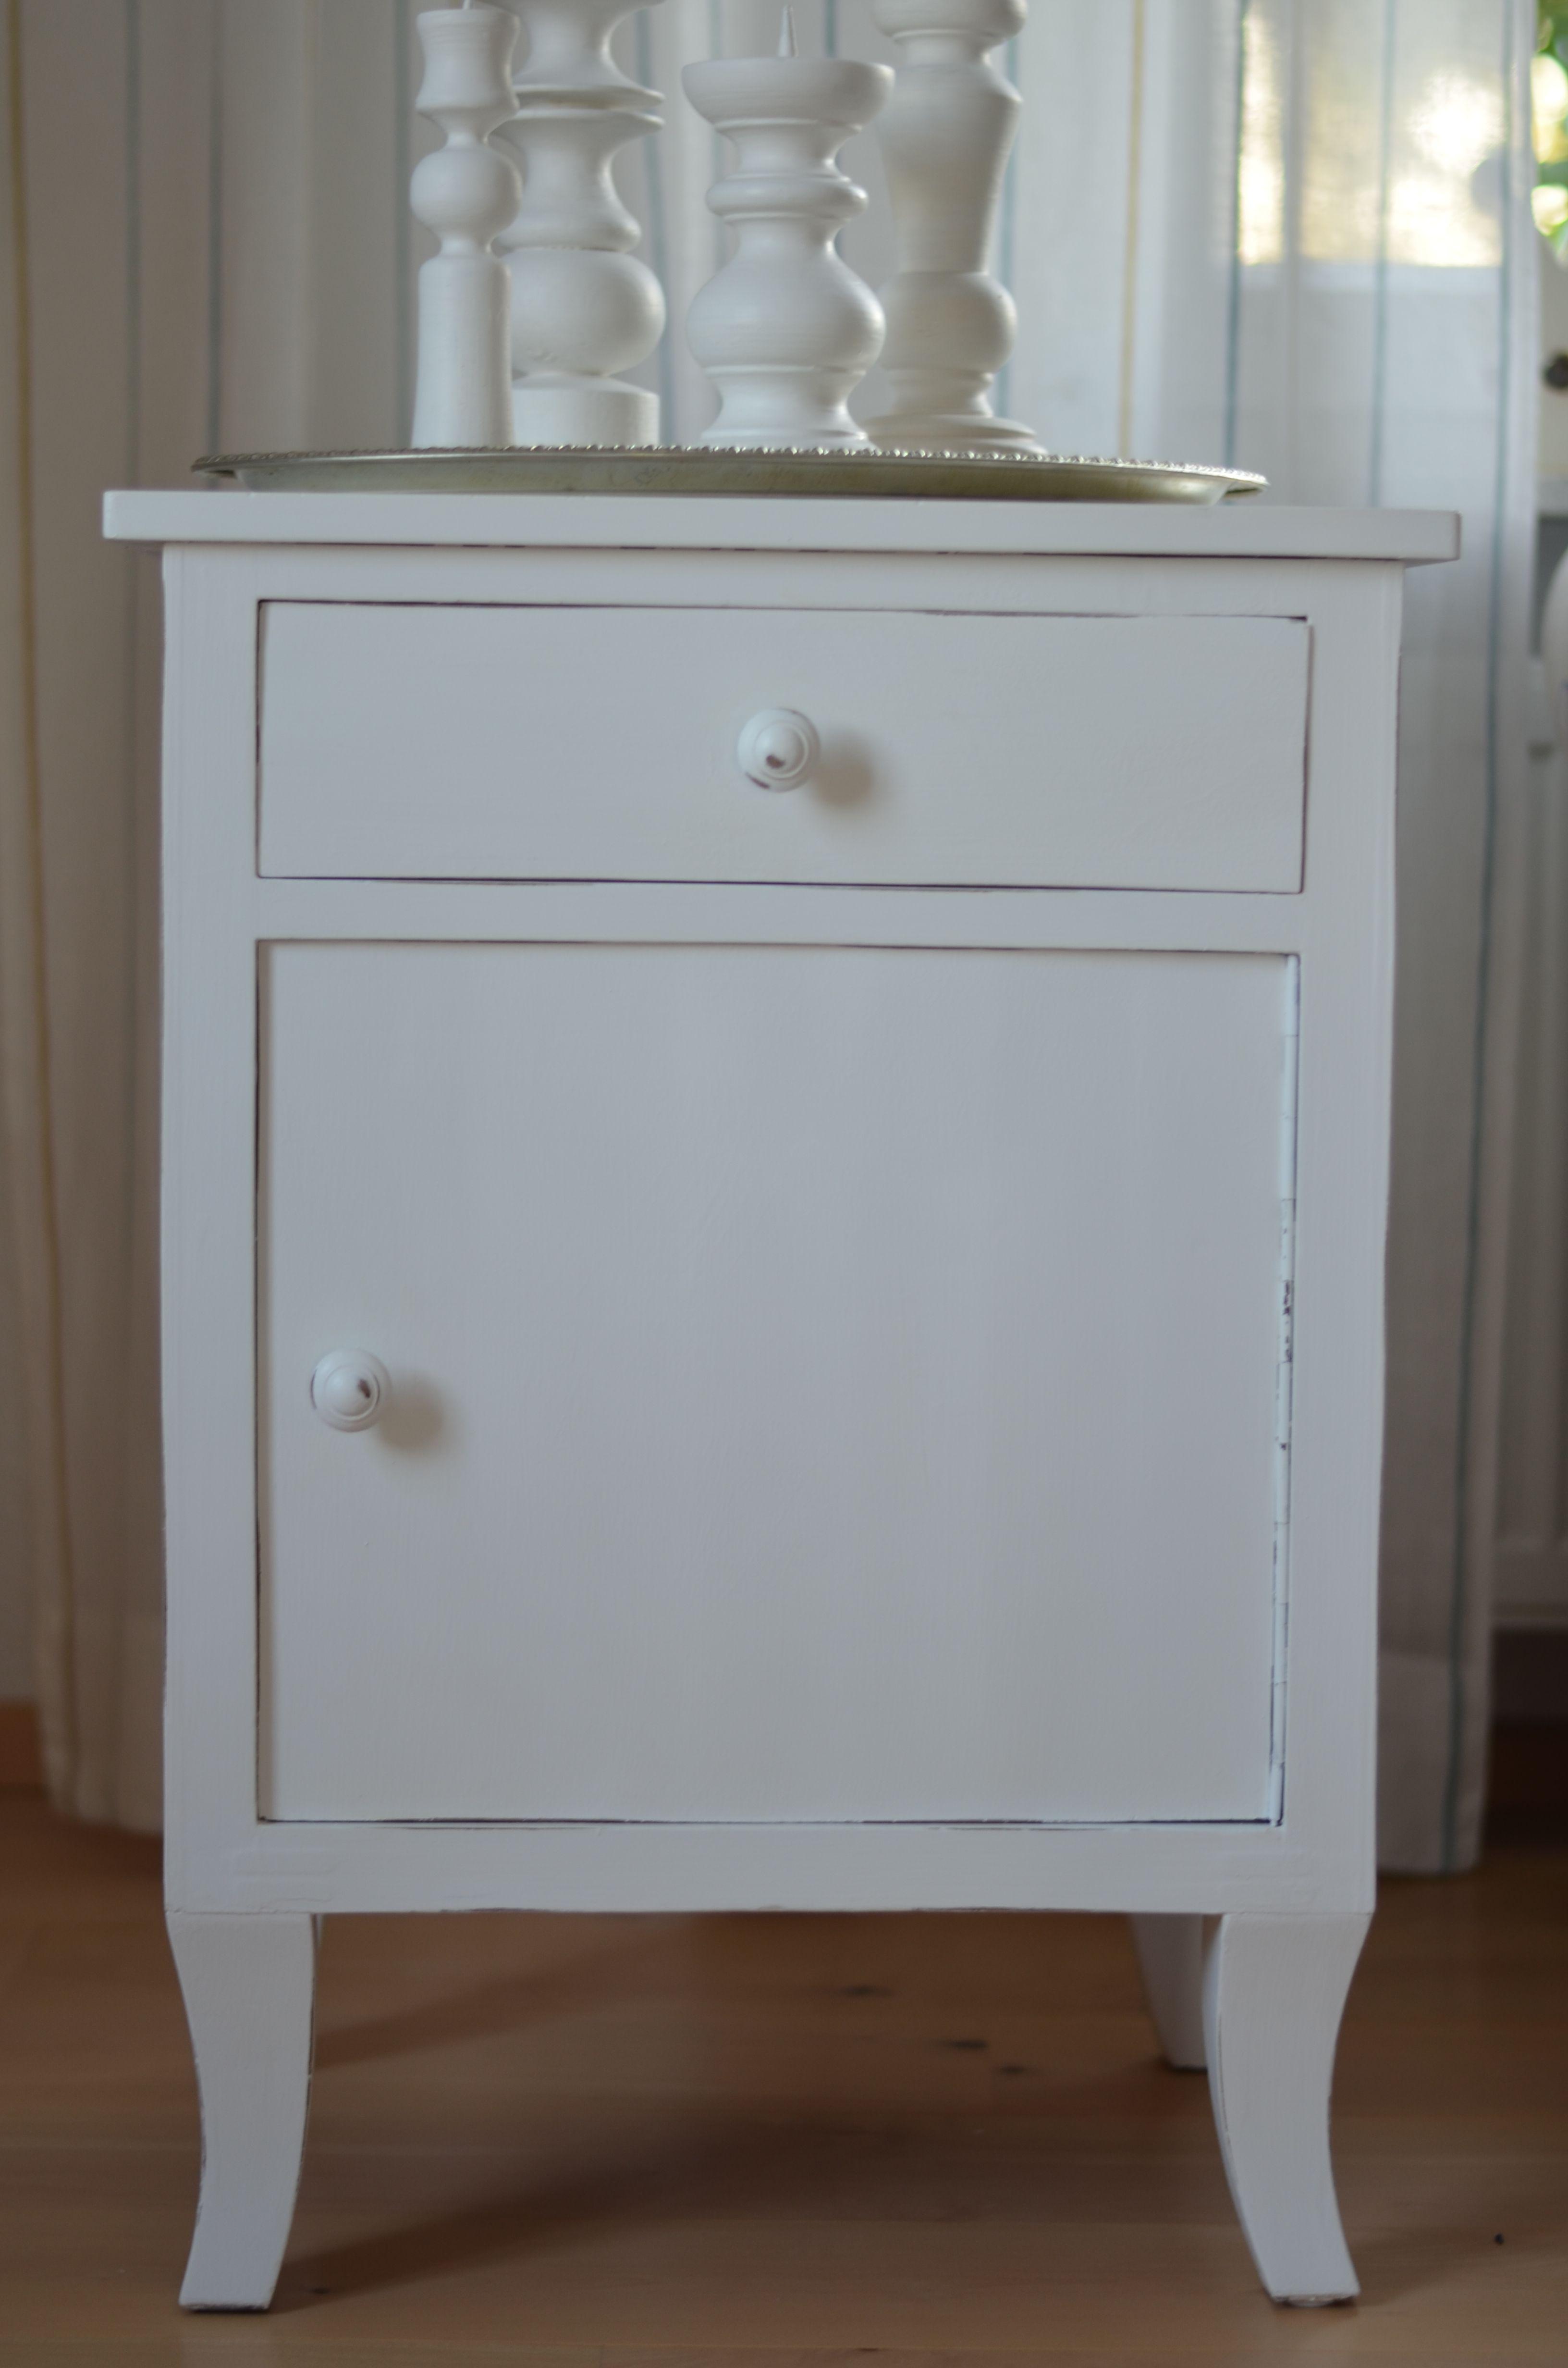 Diy Möbelstück Mit Kreidefarbe Streichen Wertvolletipps Und